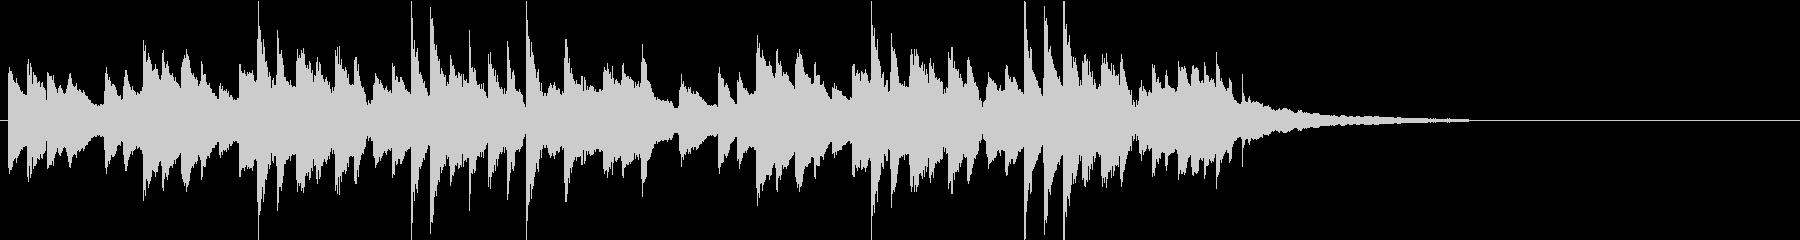 ピアノによるほのぼの楽しいポップスの未再生の波形